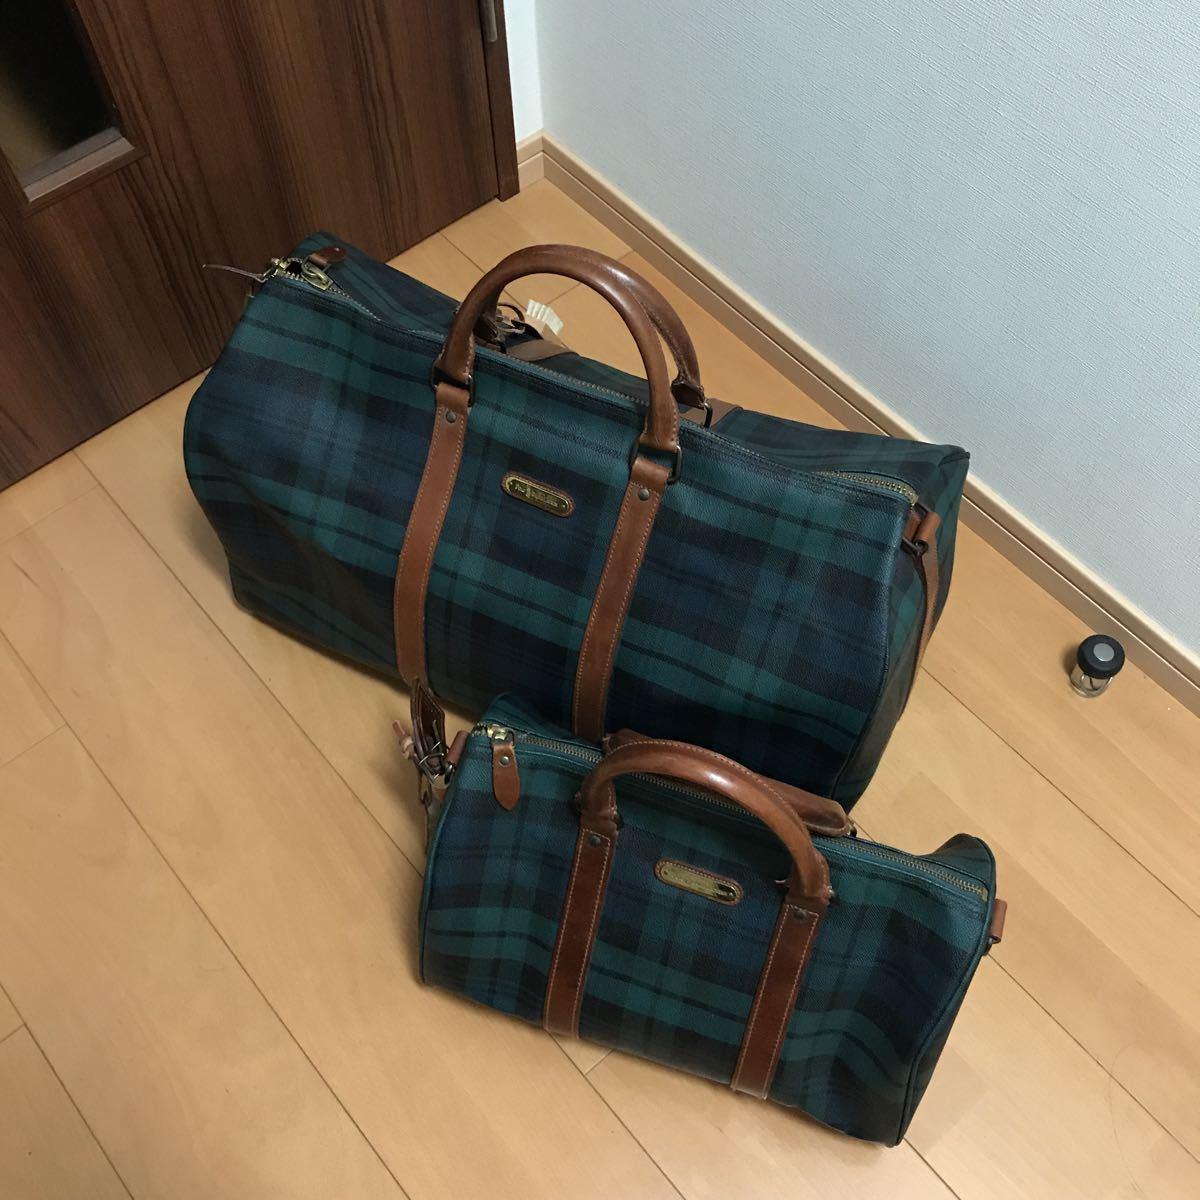 f72764c26a Polo Ralph Lauren POLO RALPH LAUREN Boston bag handbag bag 2 piece set  regular goods beautiful goods check pattern green group selling out